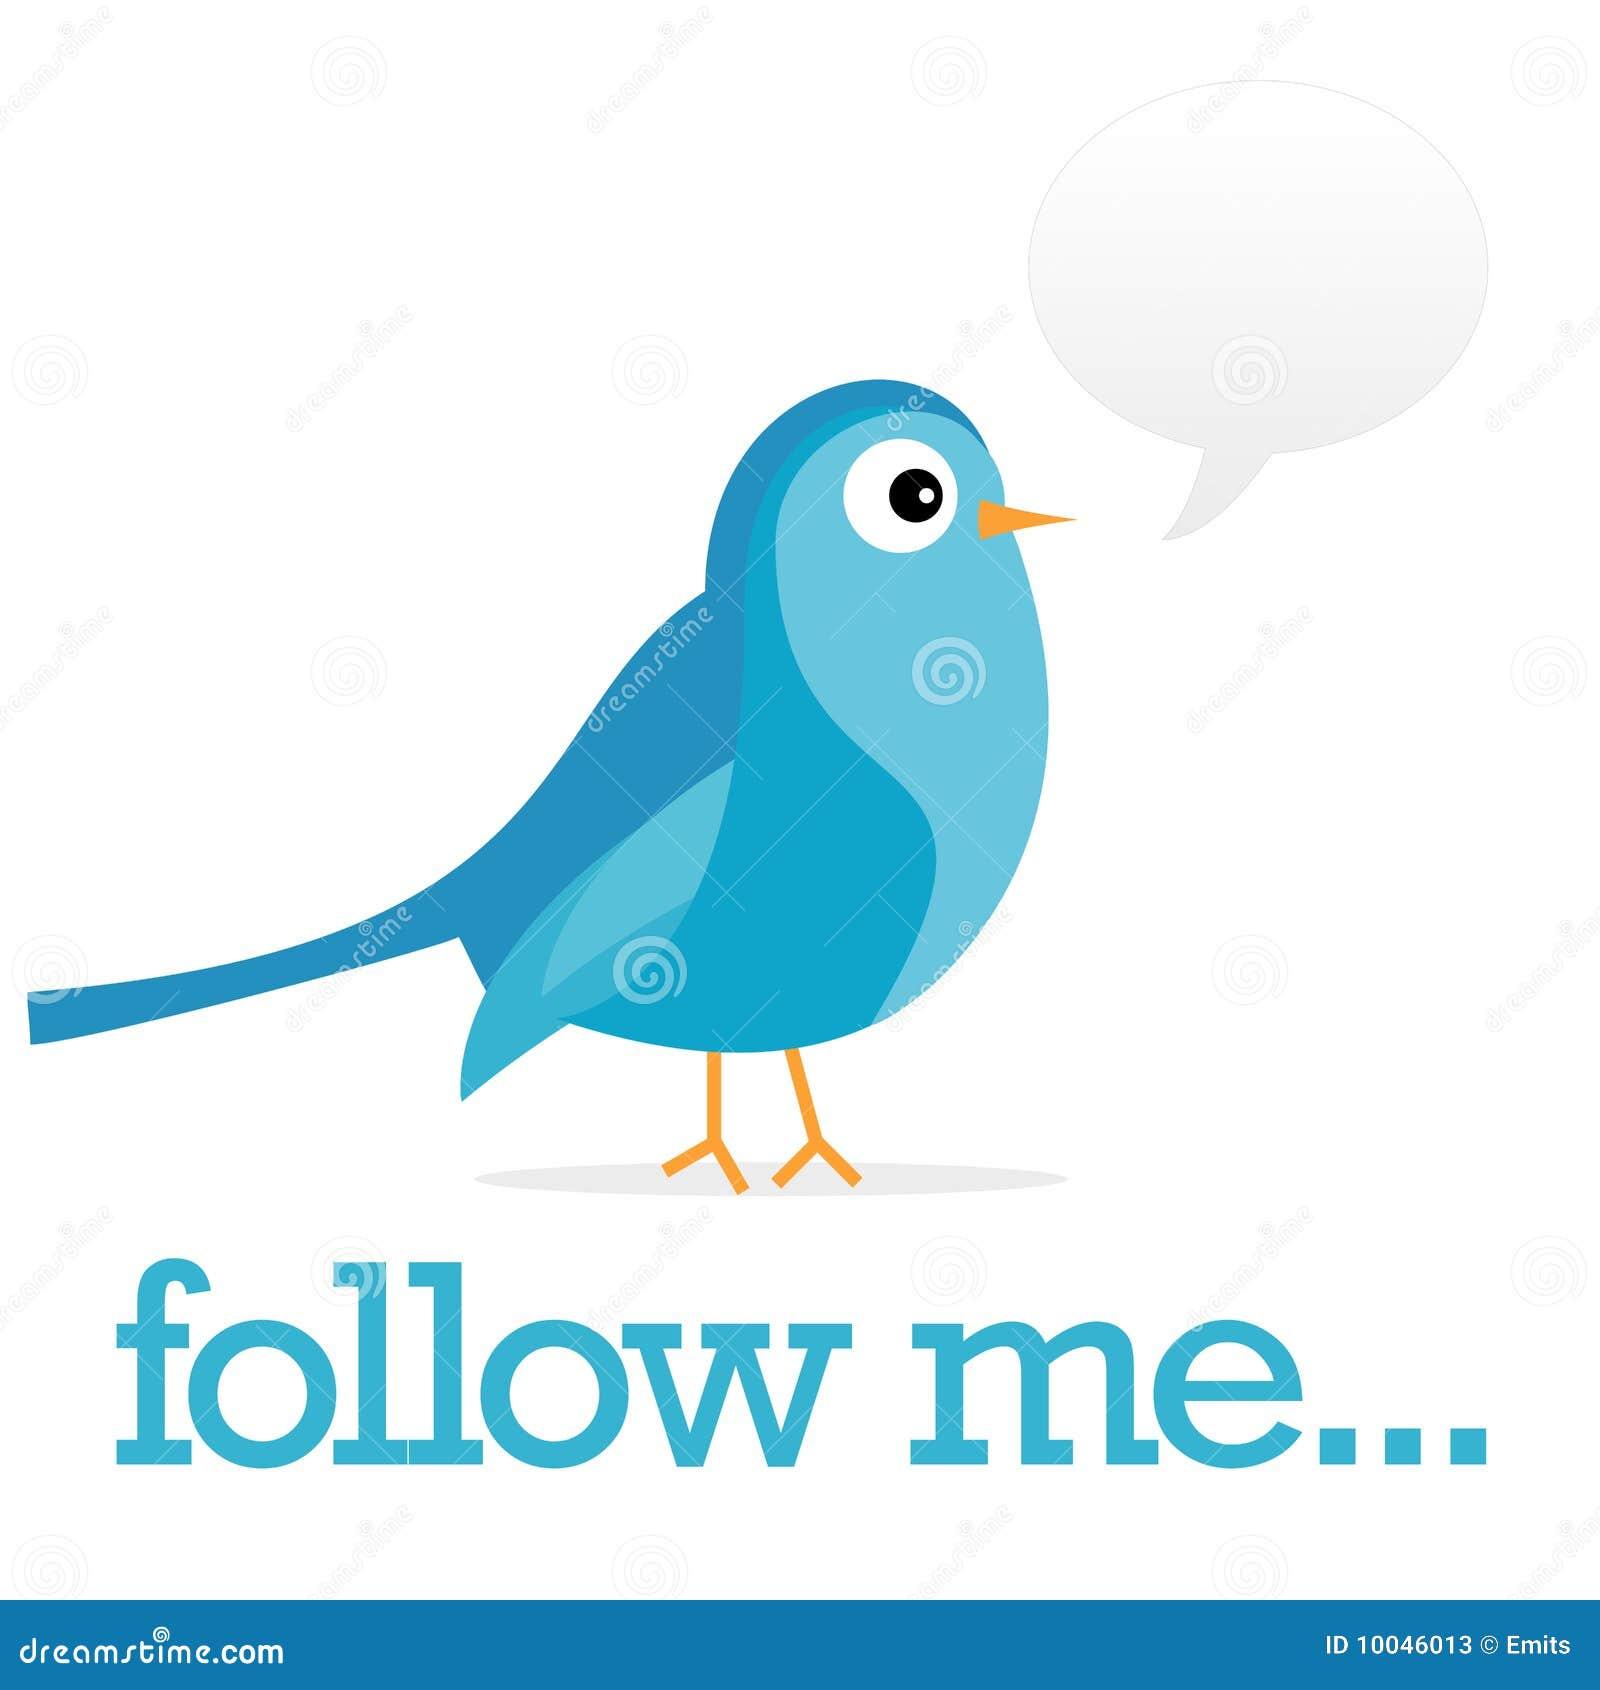 Blue twitter bird with a speach bubble follow me text below bird